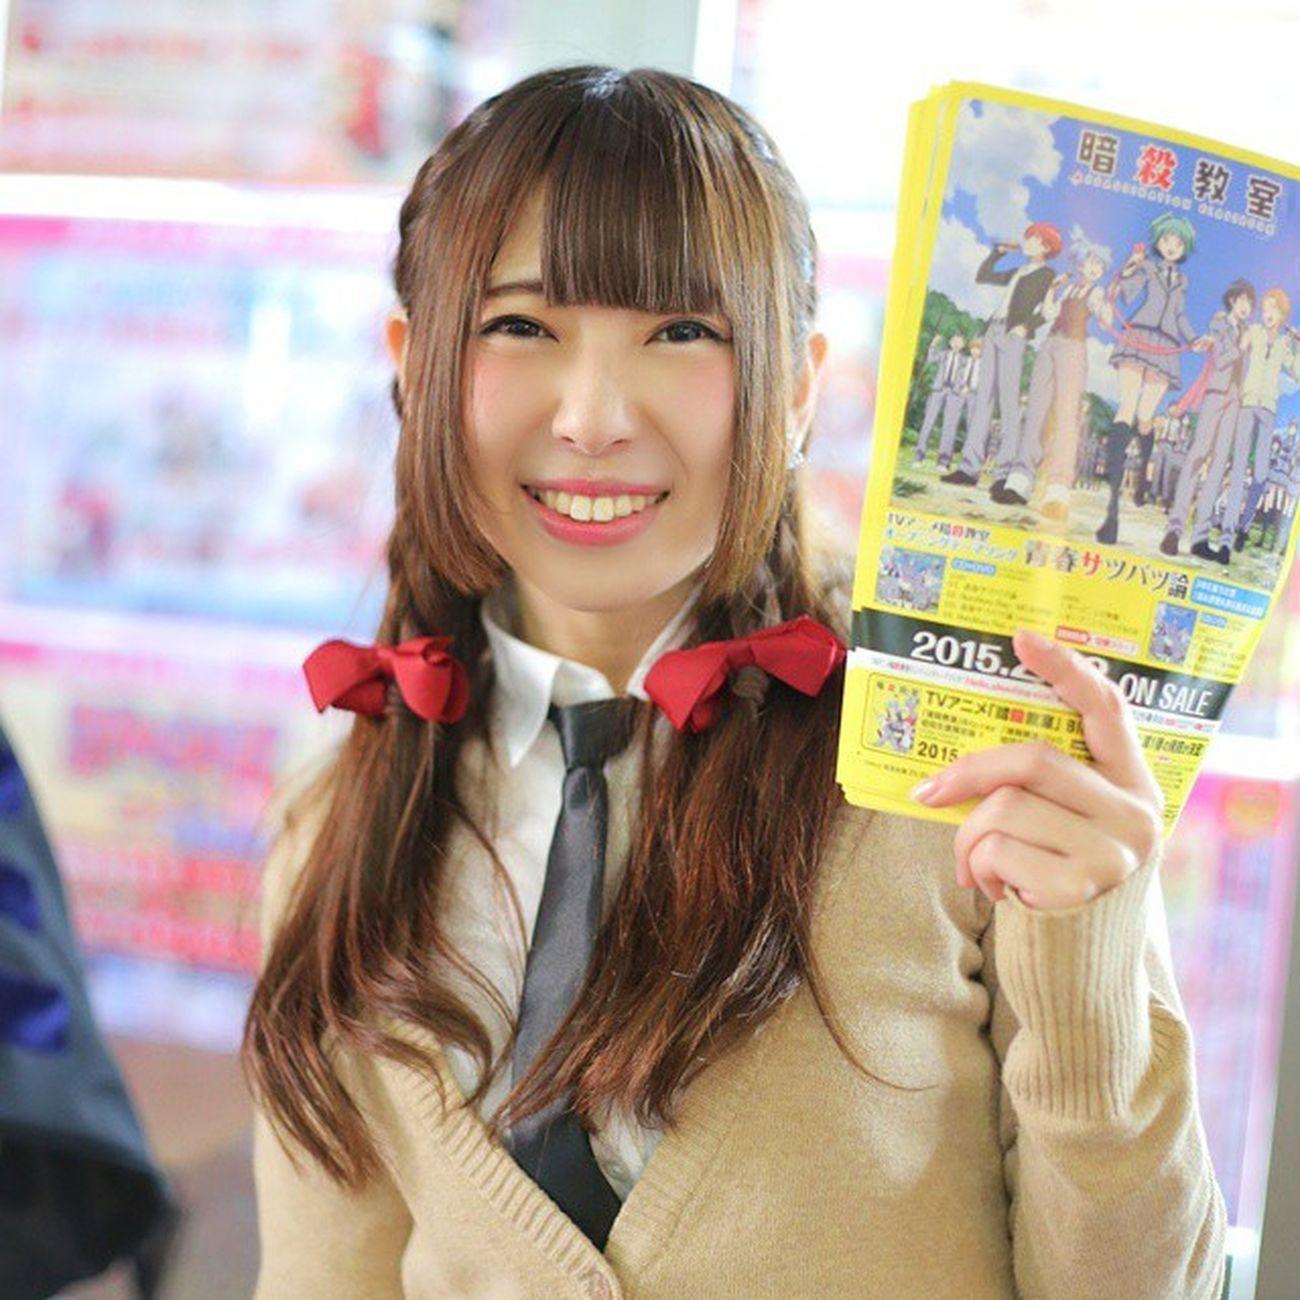 アニメイト池袋本店なう。 暗殺教室 蝦名彩香 えびちゃん http://t.co/95fGUnJdIf